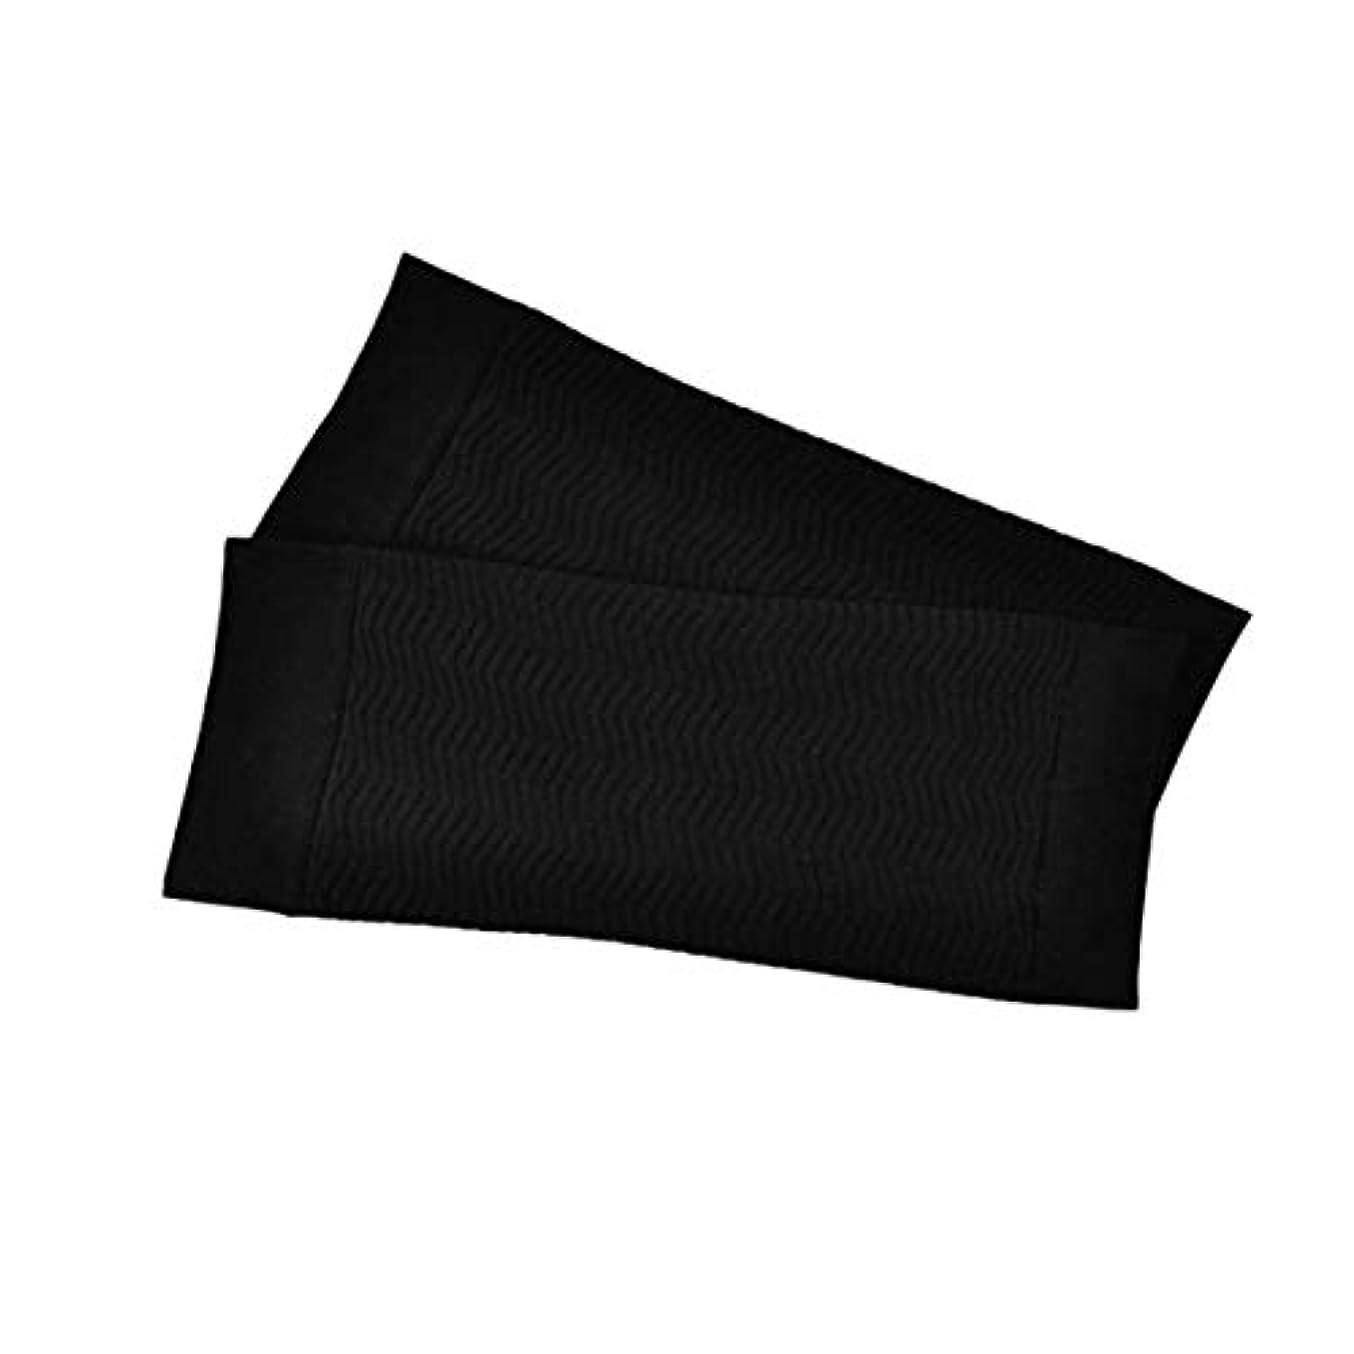 戦闘抜本的な退屈な1ペア680 D圧縮アームシェイパーワークアウトトーニングバーンセルライトスリミングアームスリーブ脂肪燃焼半袖用女性 - ブラック